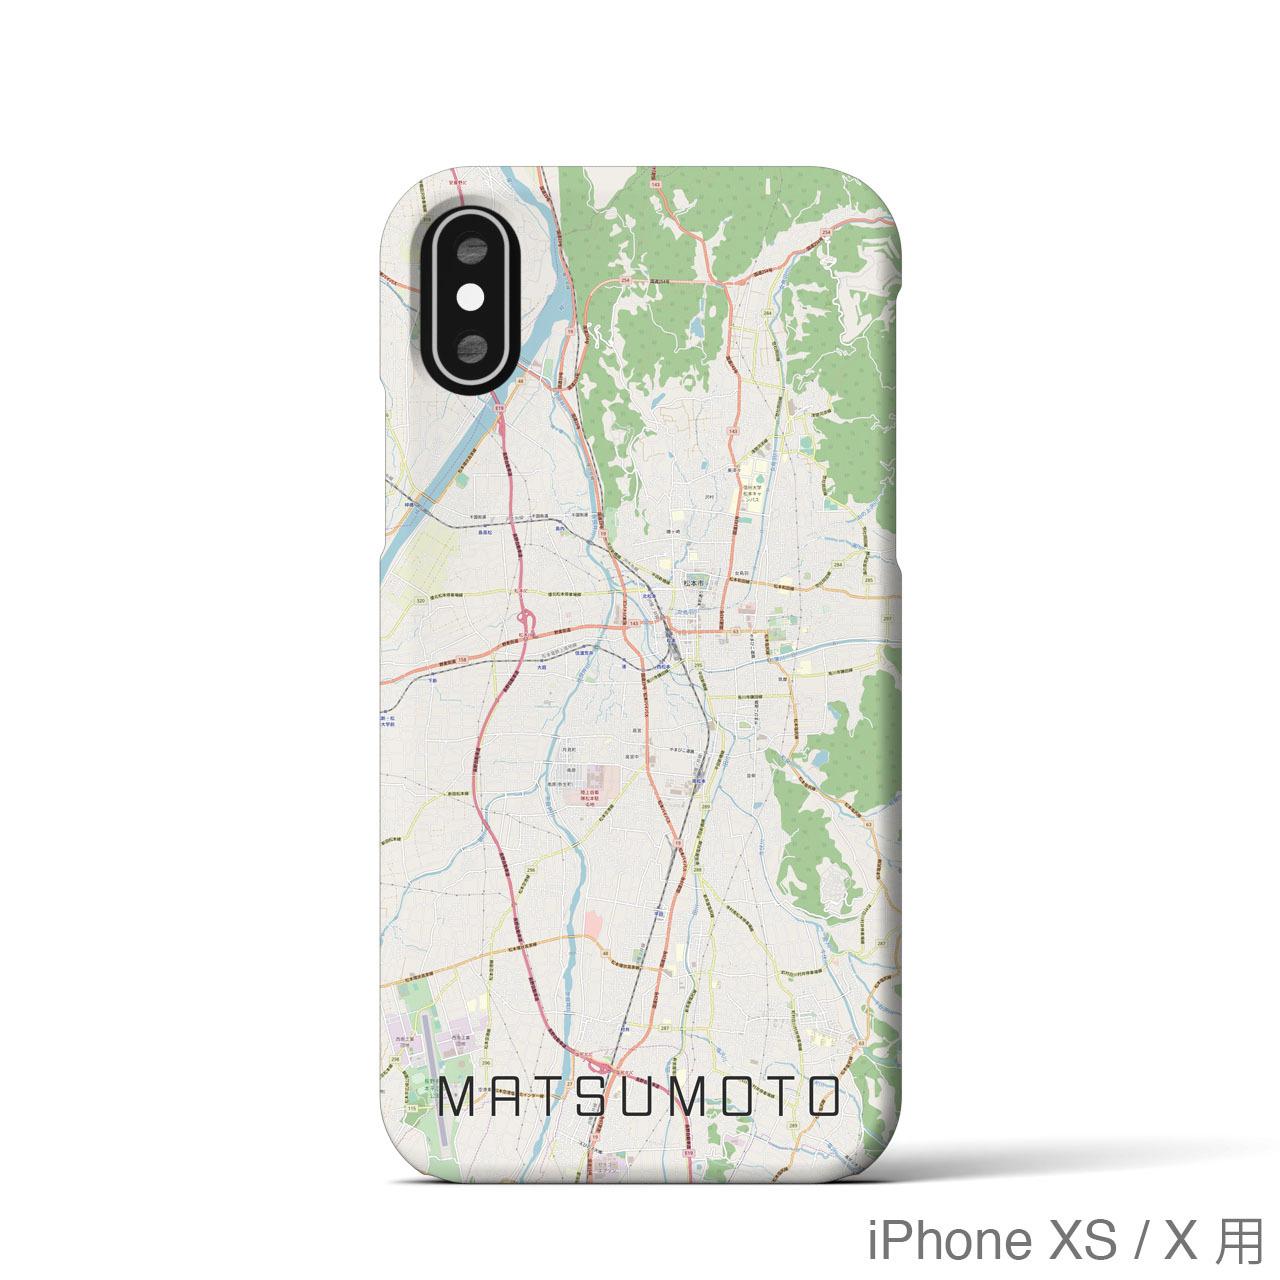 【松本】地図柄iPhoneケース(バックカバータイプ・ナチュラル)